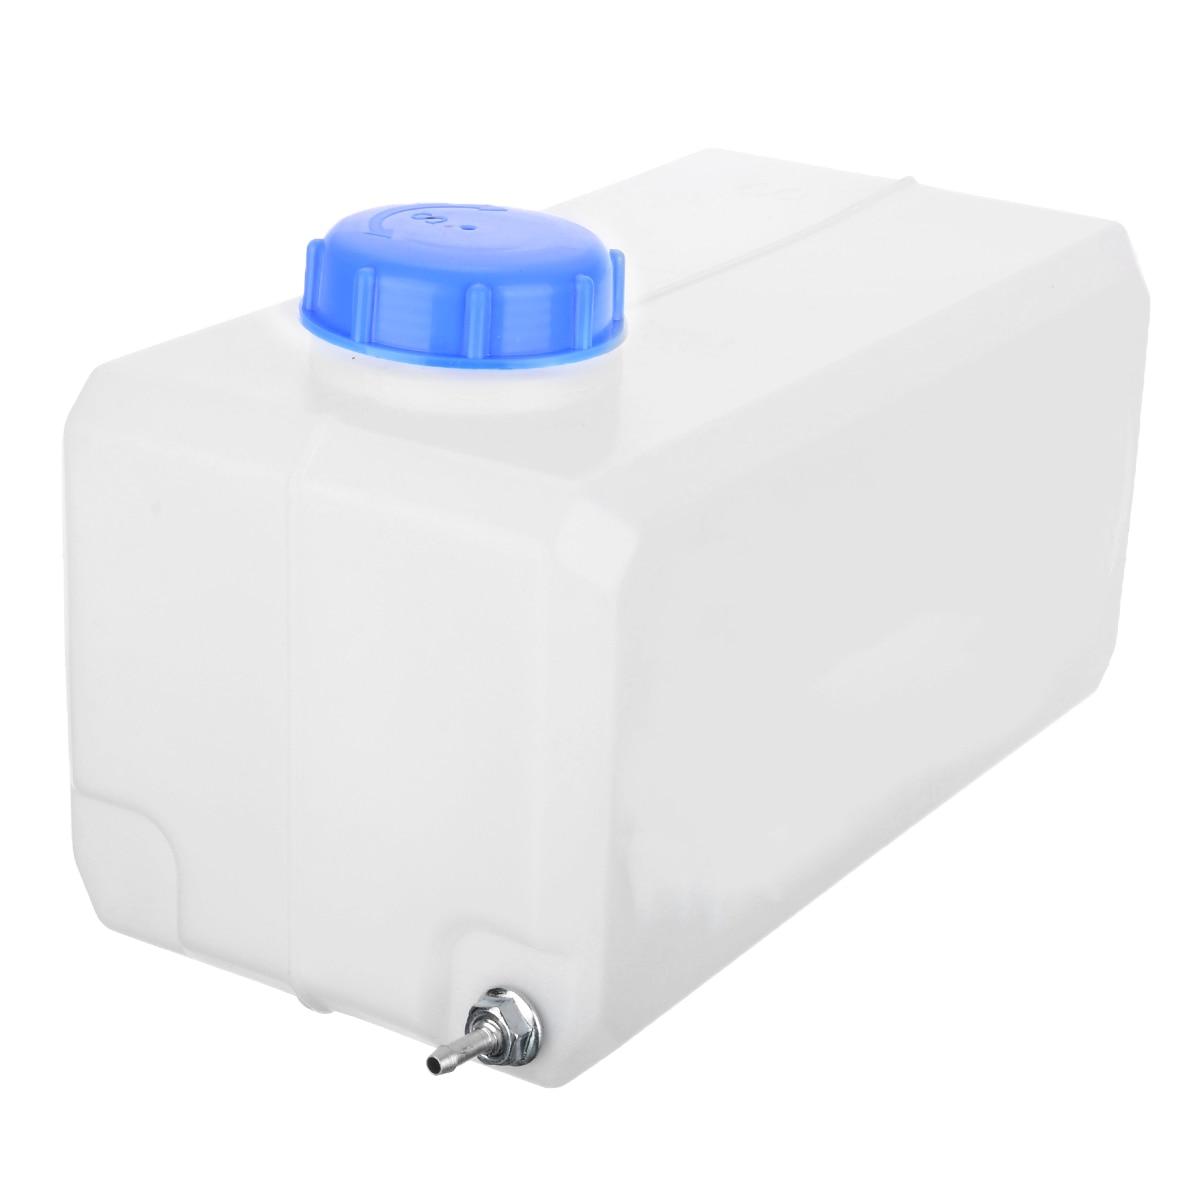 Fuel Tank 5.5L Oil Gasoline D-iesels Petrol Plastic Storge Water Tank Boat Car Truck Parking Heater Accessories